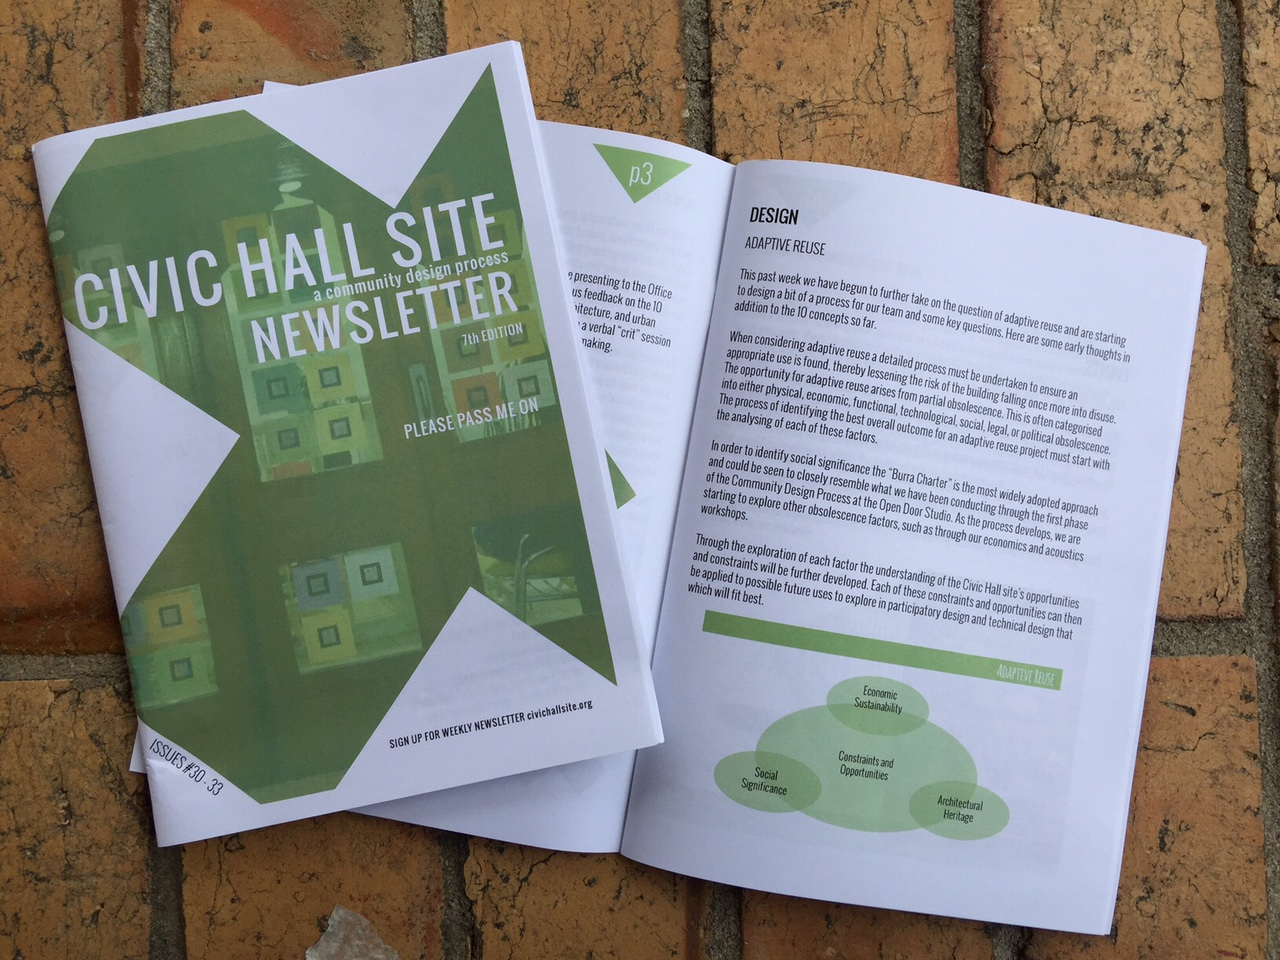 CivicHallSite_newsletter_7.jpg